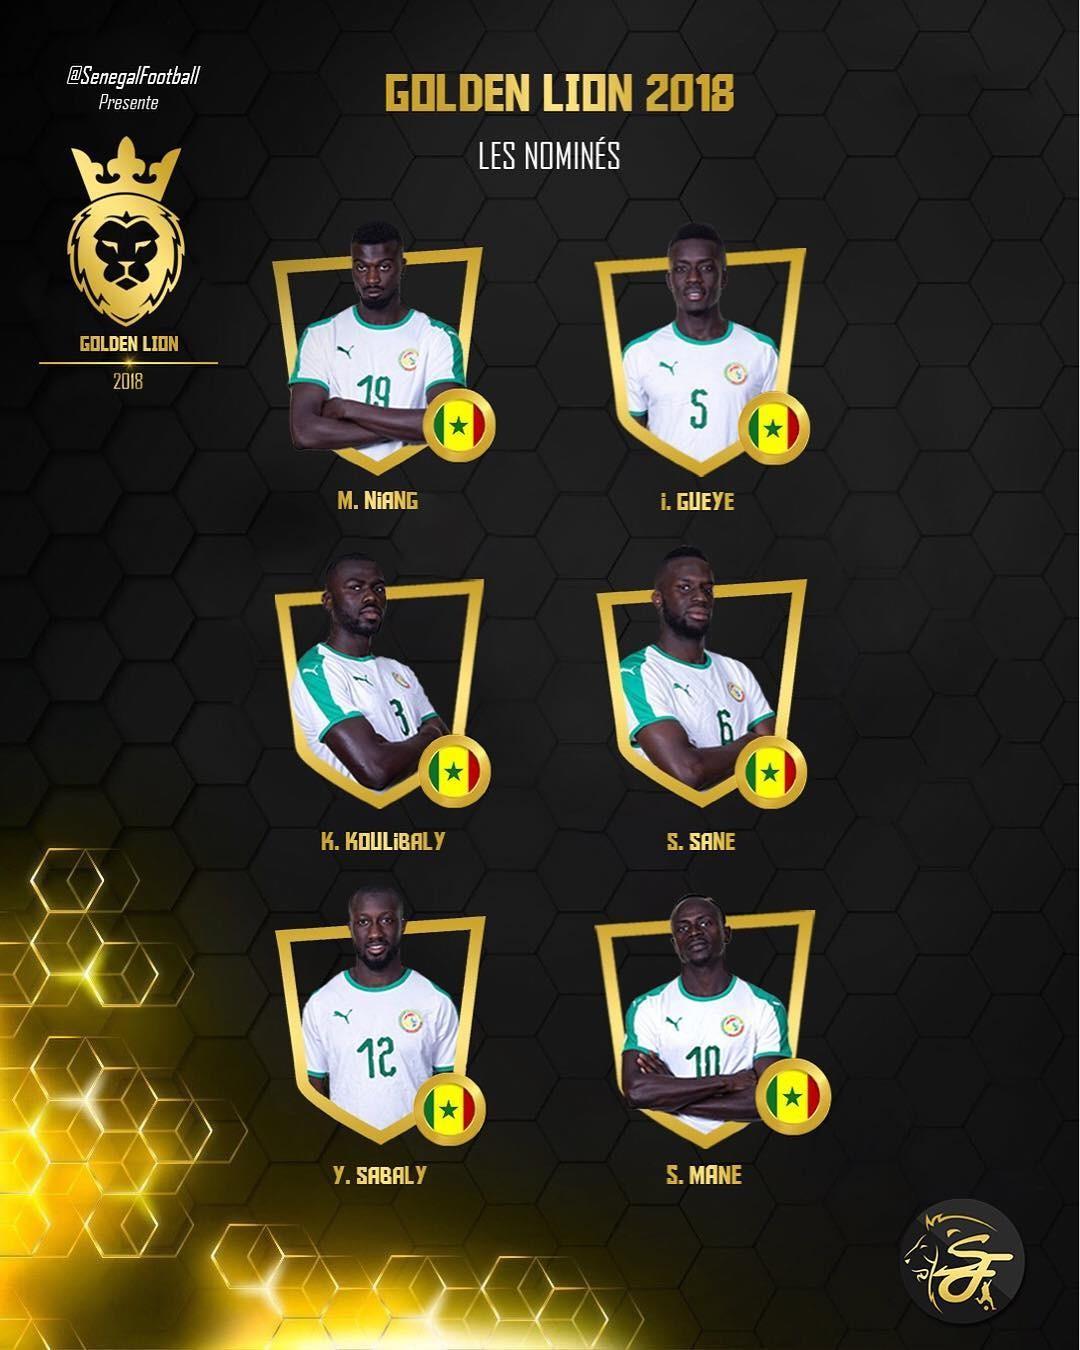 365足球网站:2018塞内加尔队年度最佳提名:马内和